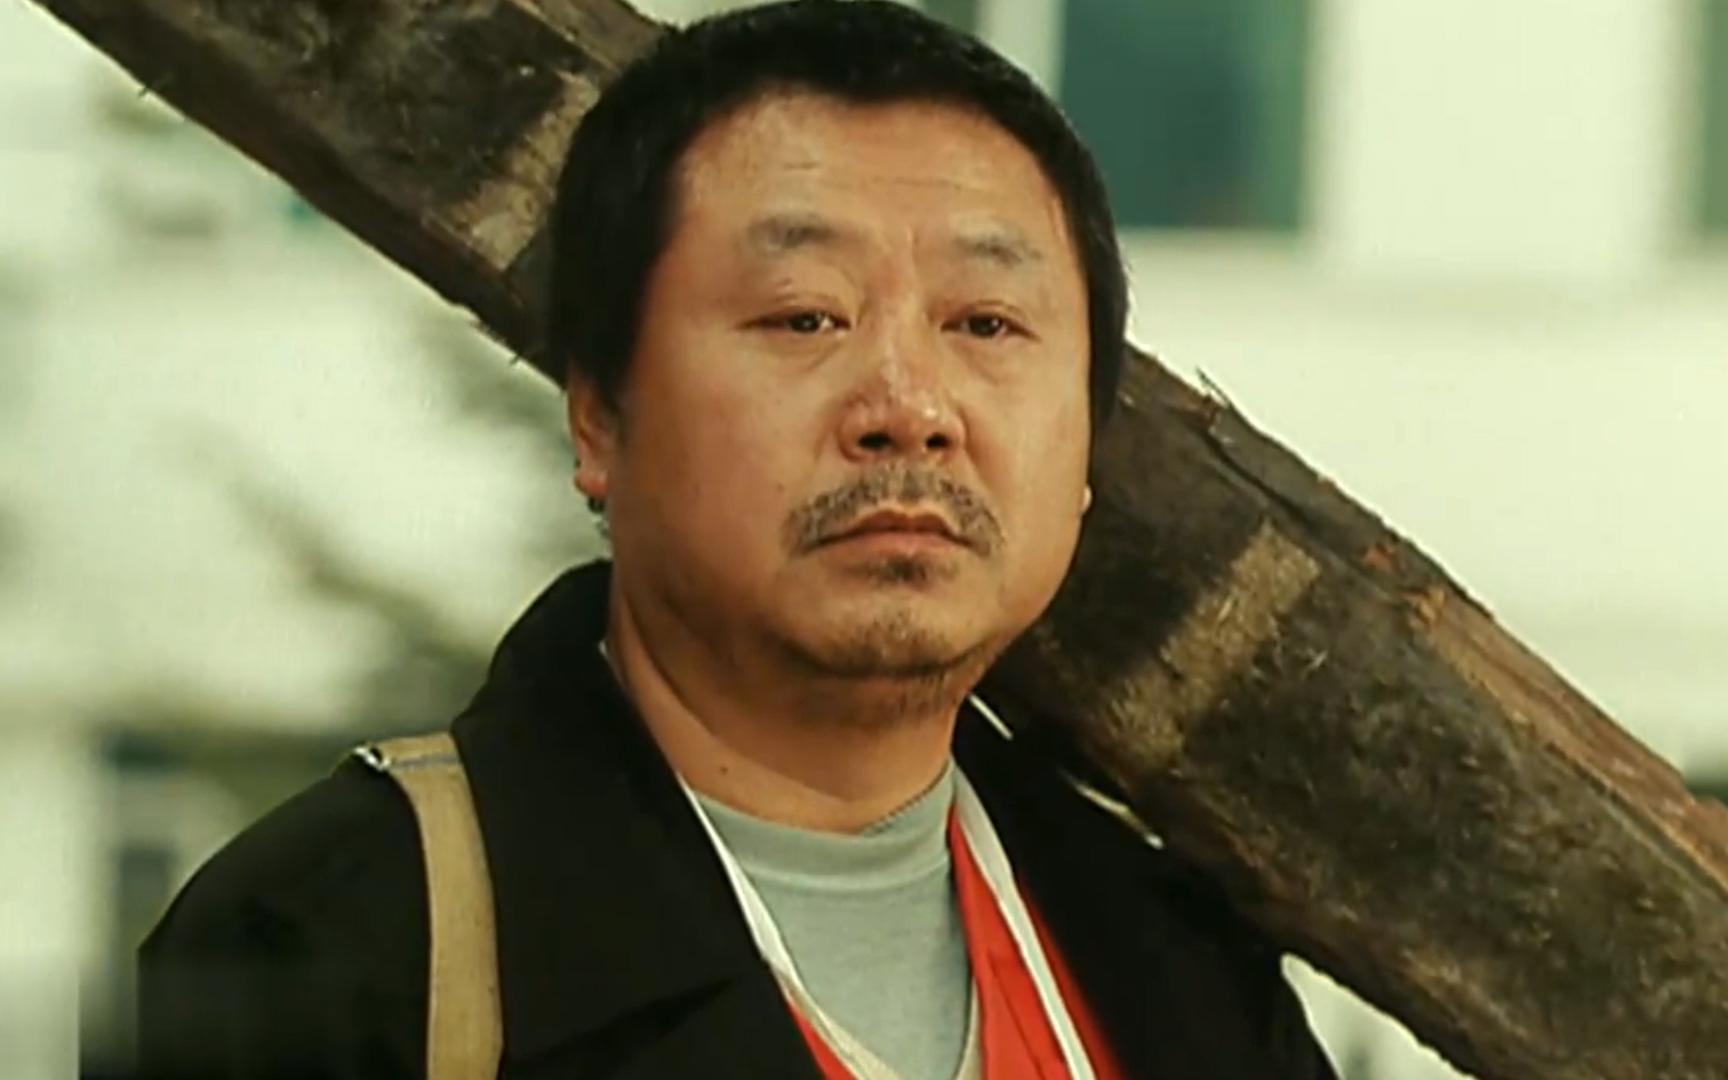 13年前范伟的封神之作,罕见的催泪喜剧片,说透了底层人的艰辛!《耳朵大有福》